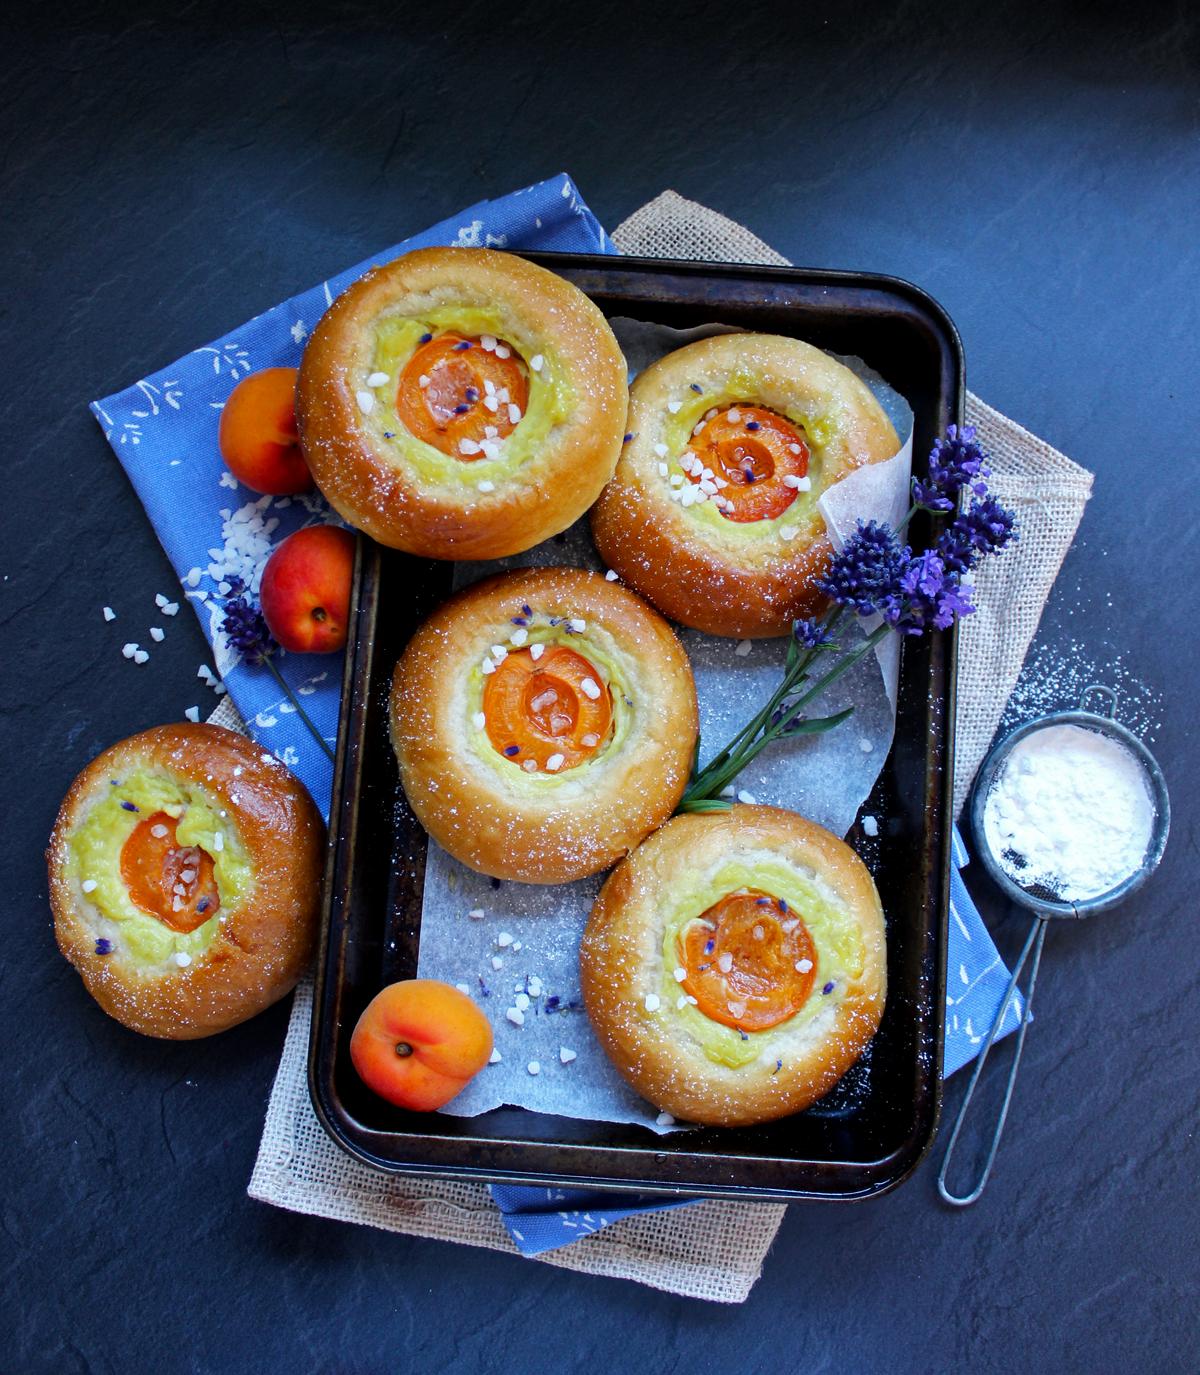 Petites brioches à la crème de lavande et aux abricots